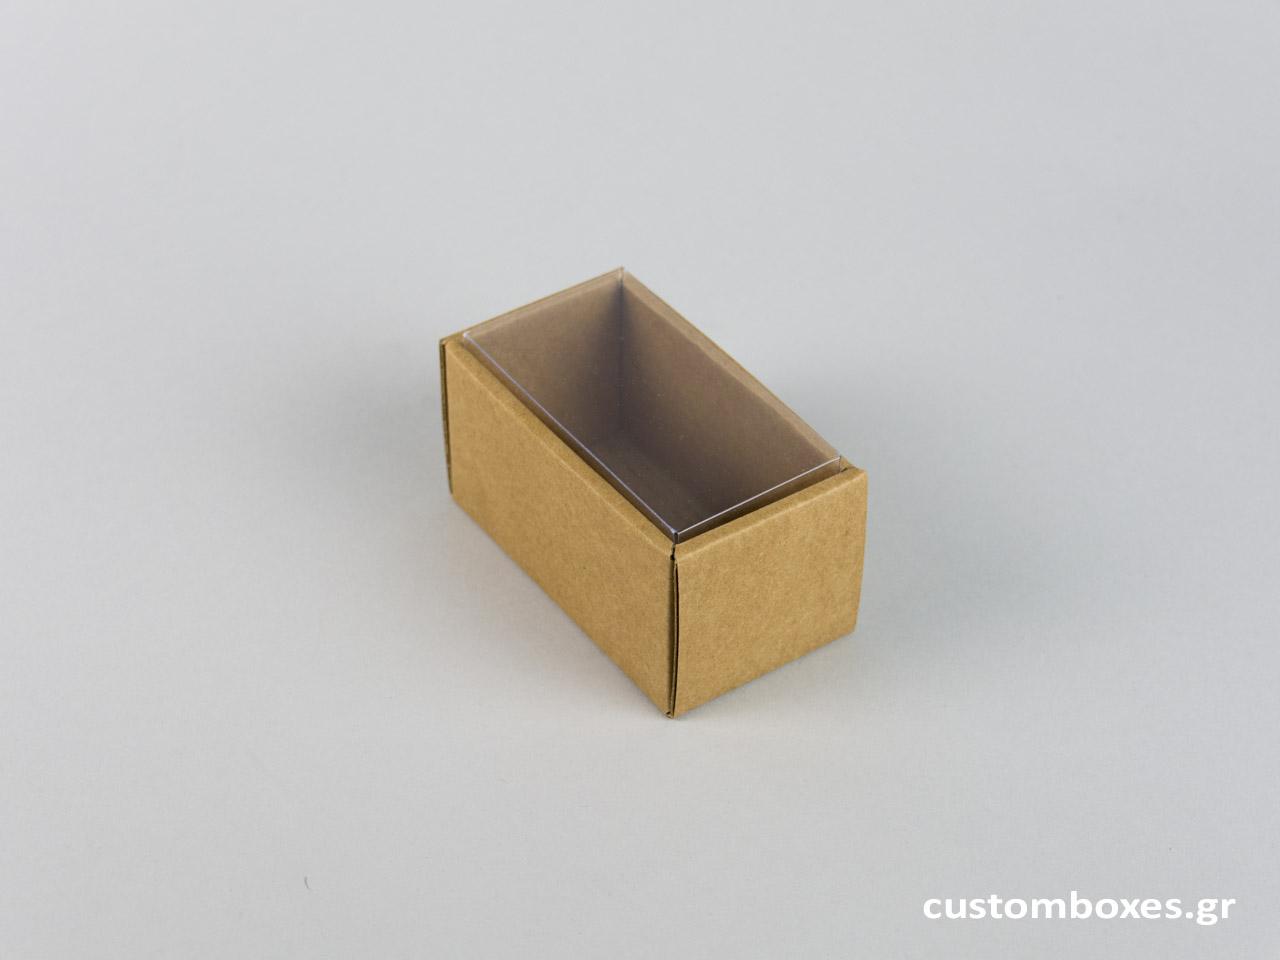 Οικολογικό κουτί kraft με διάφανο καπάκι βραχιόλι